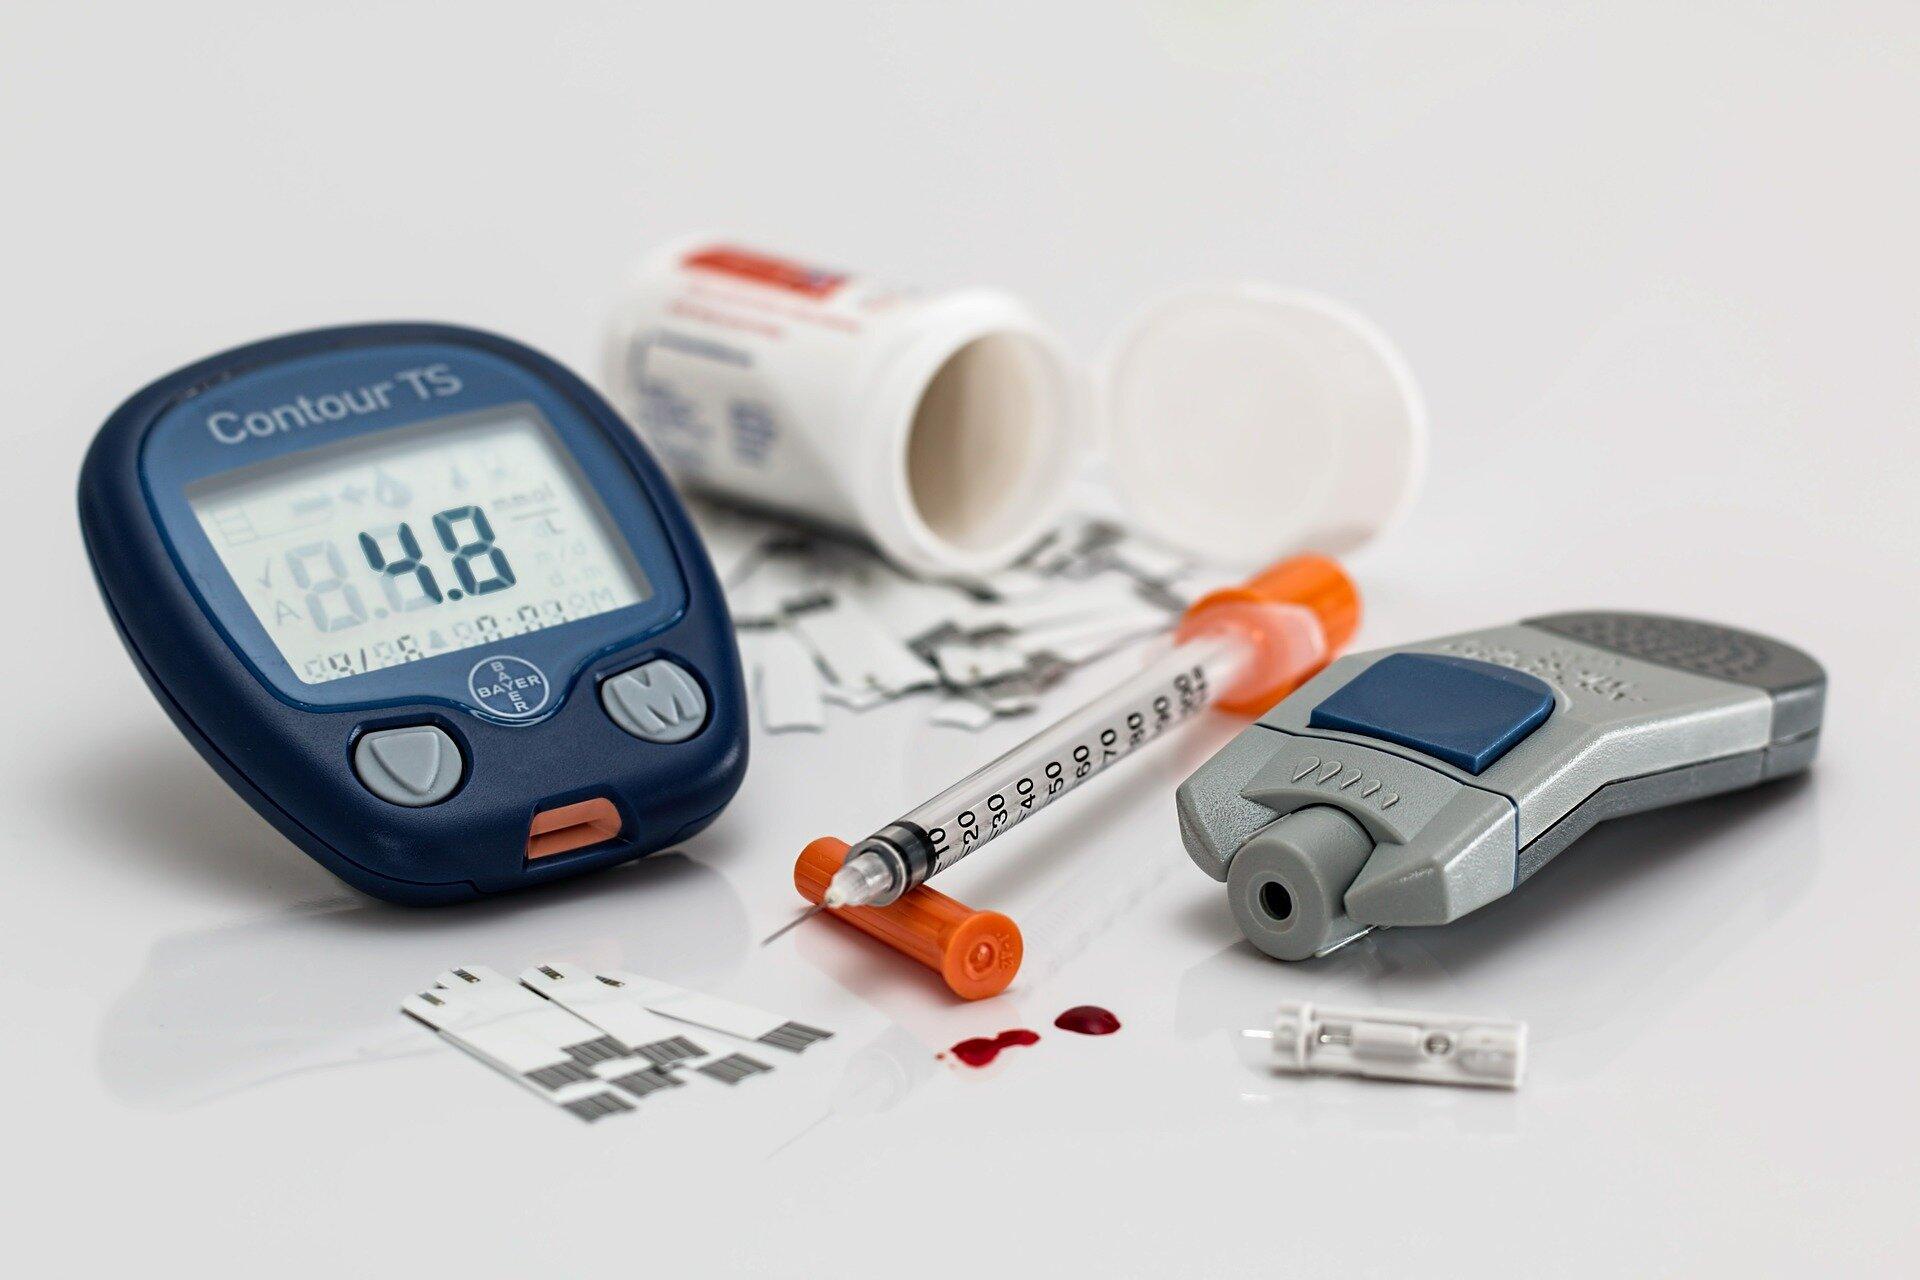 Ein niedriger BMI bedeutet ein niedrigeres diabetes-Risiko, auch bei nicht-übergewichtigen Menschen